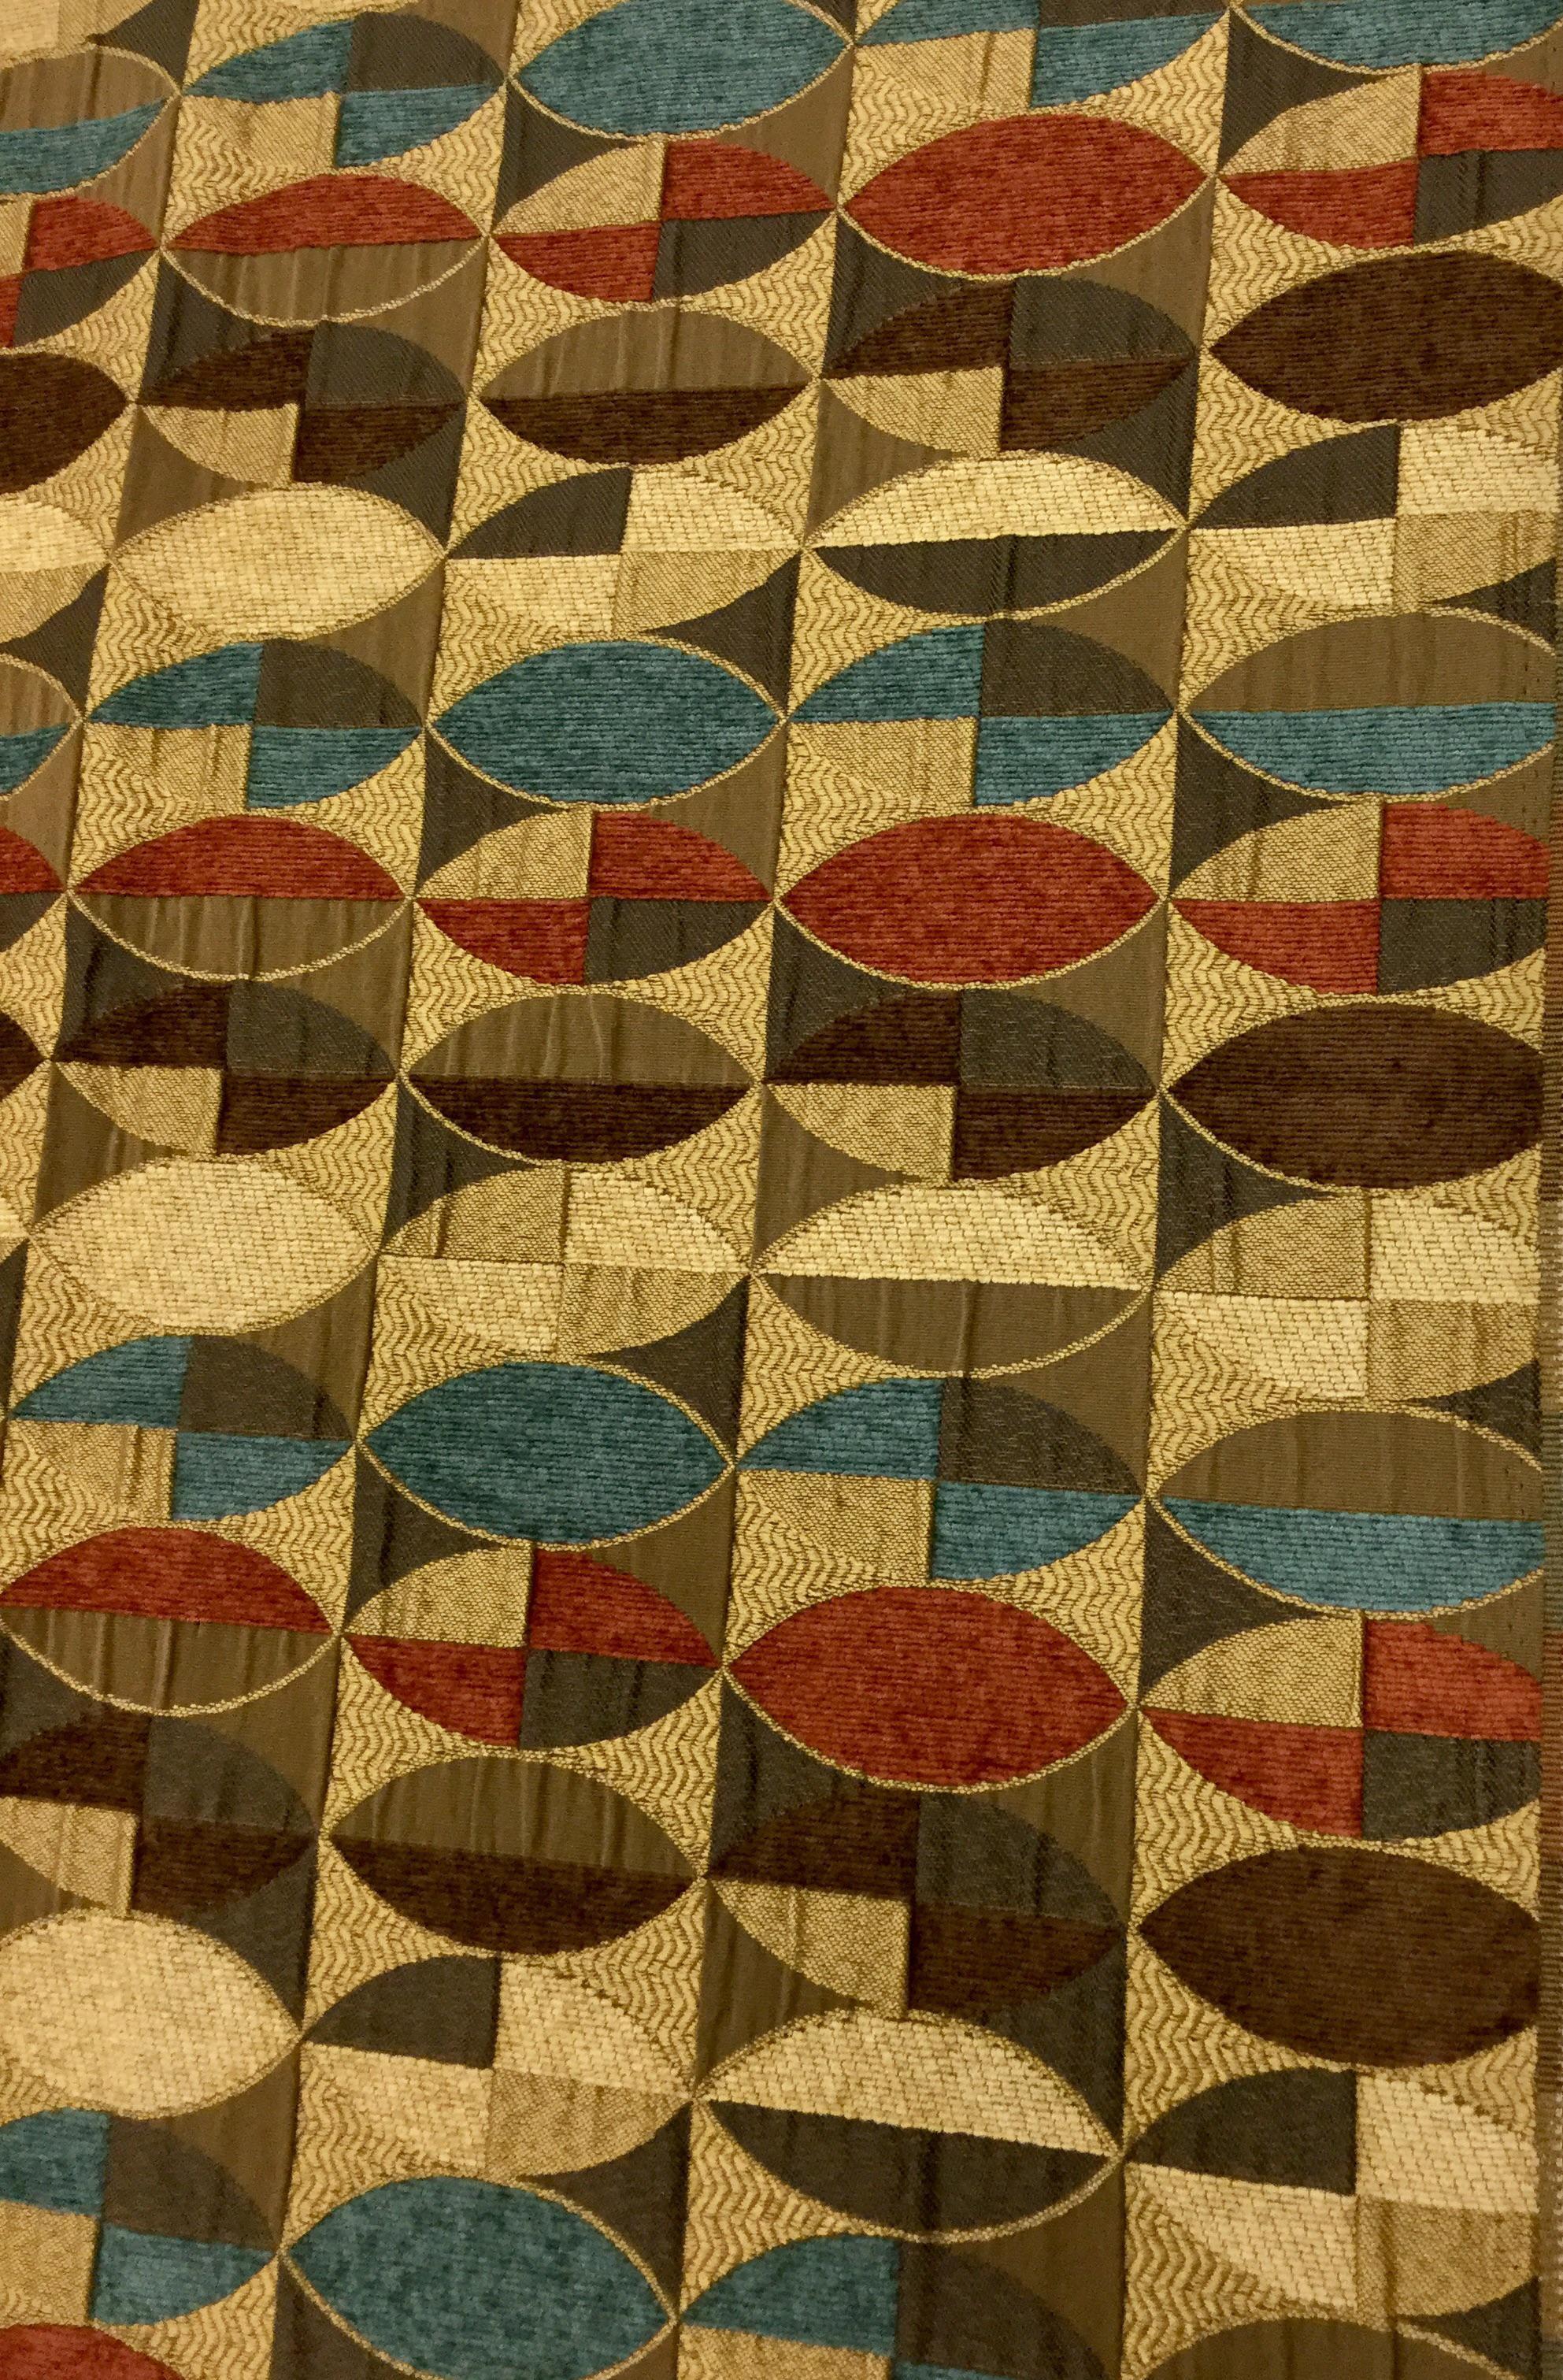 BoutiqueByDanielle Vintage 1990/'s Fabric Remnants Interior Decor